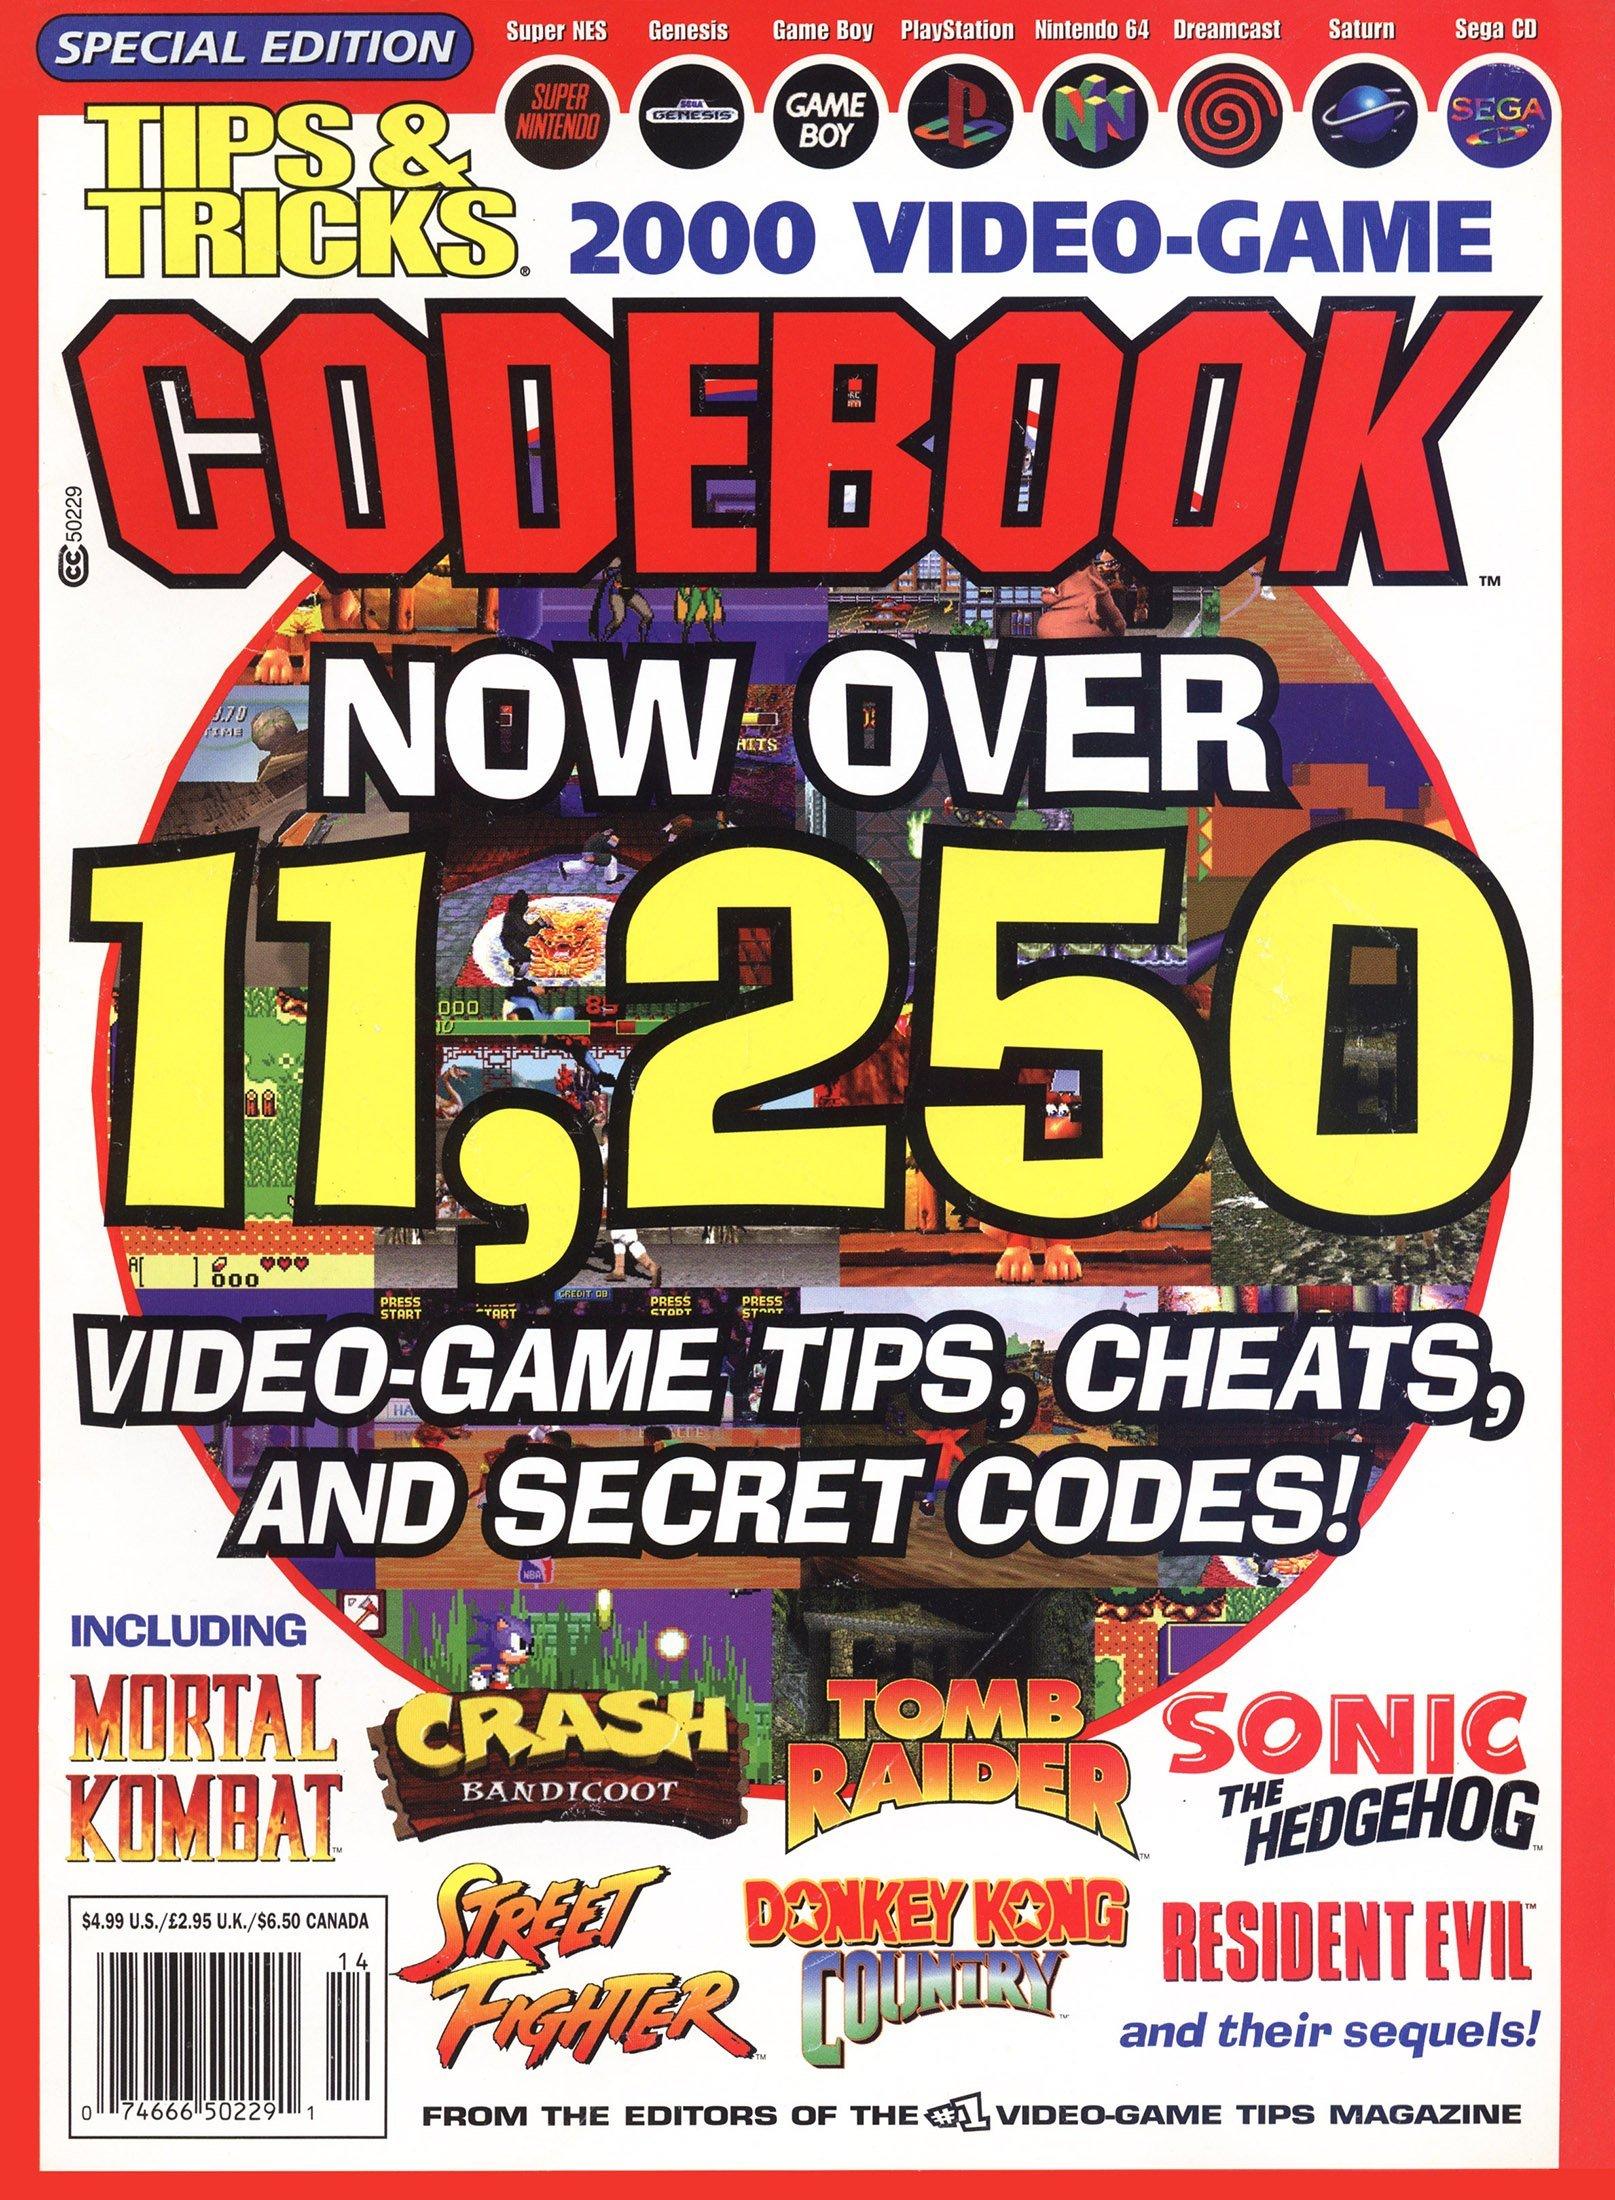 Tips & Tricks Video Game Codebook (2000)